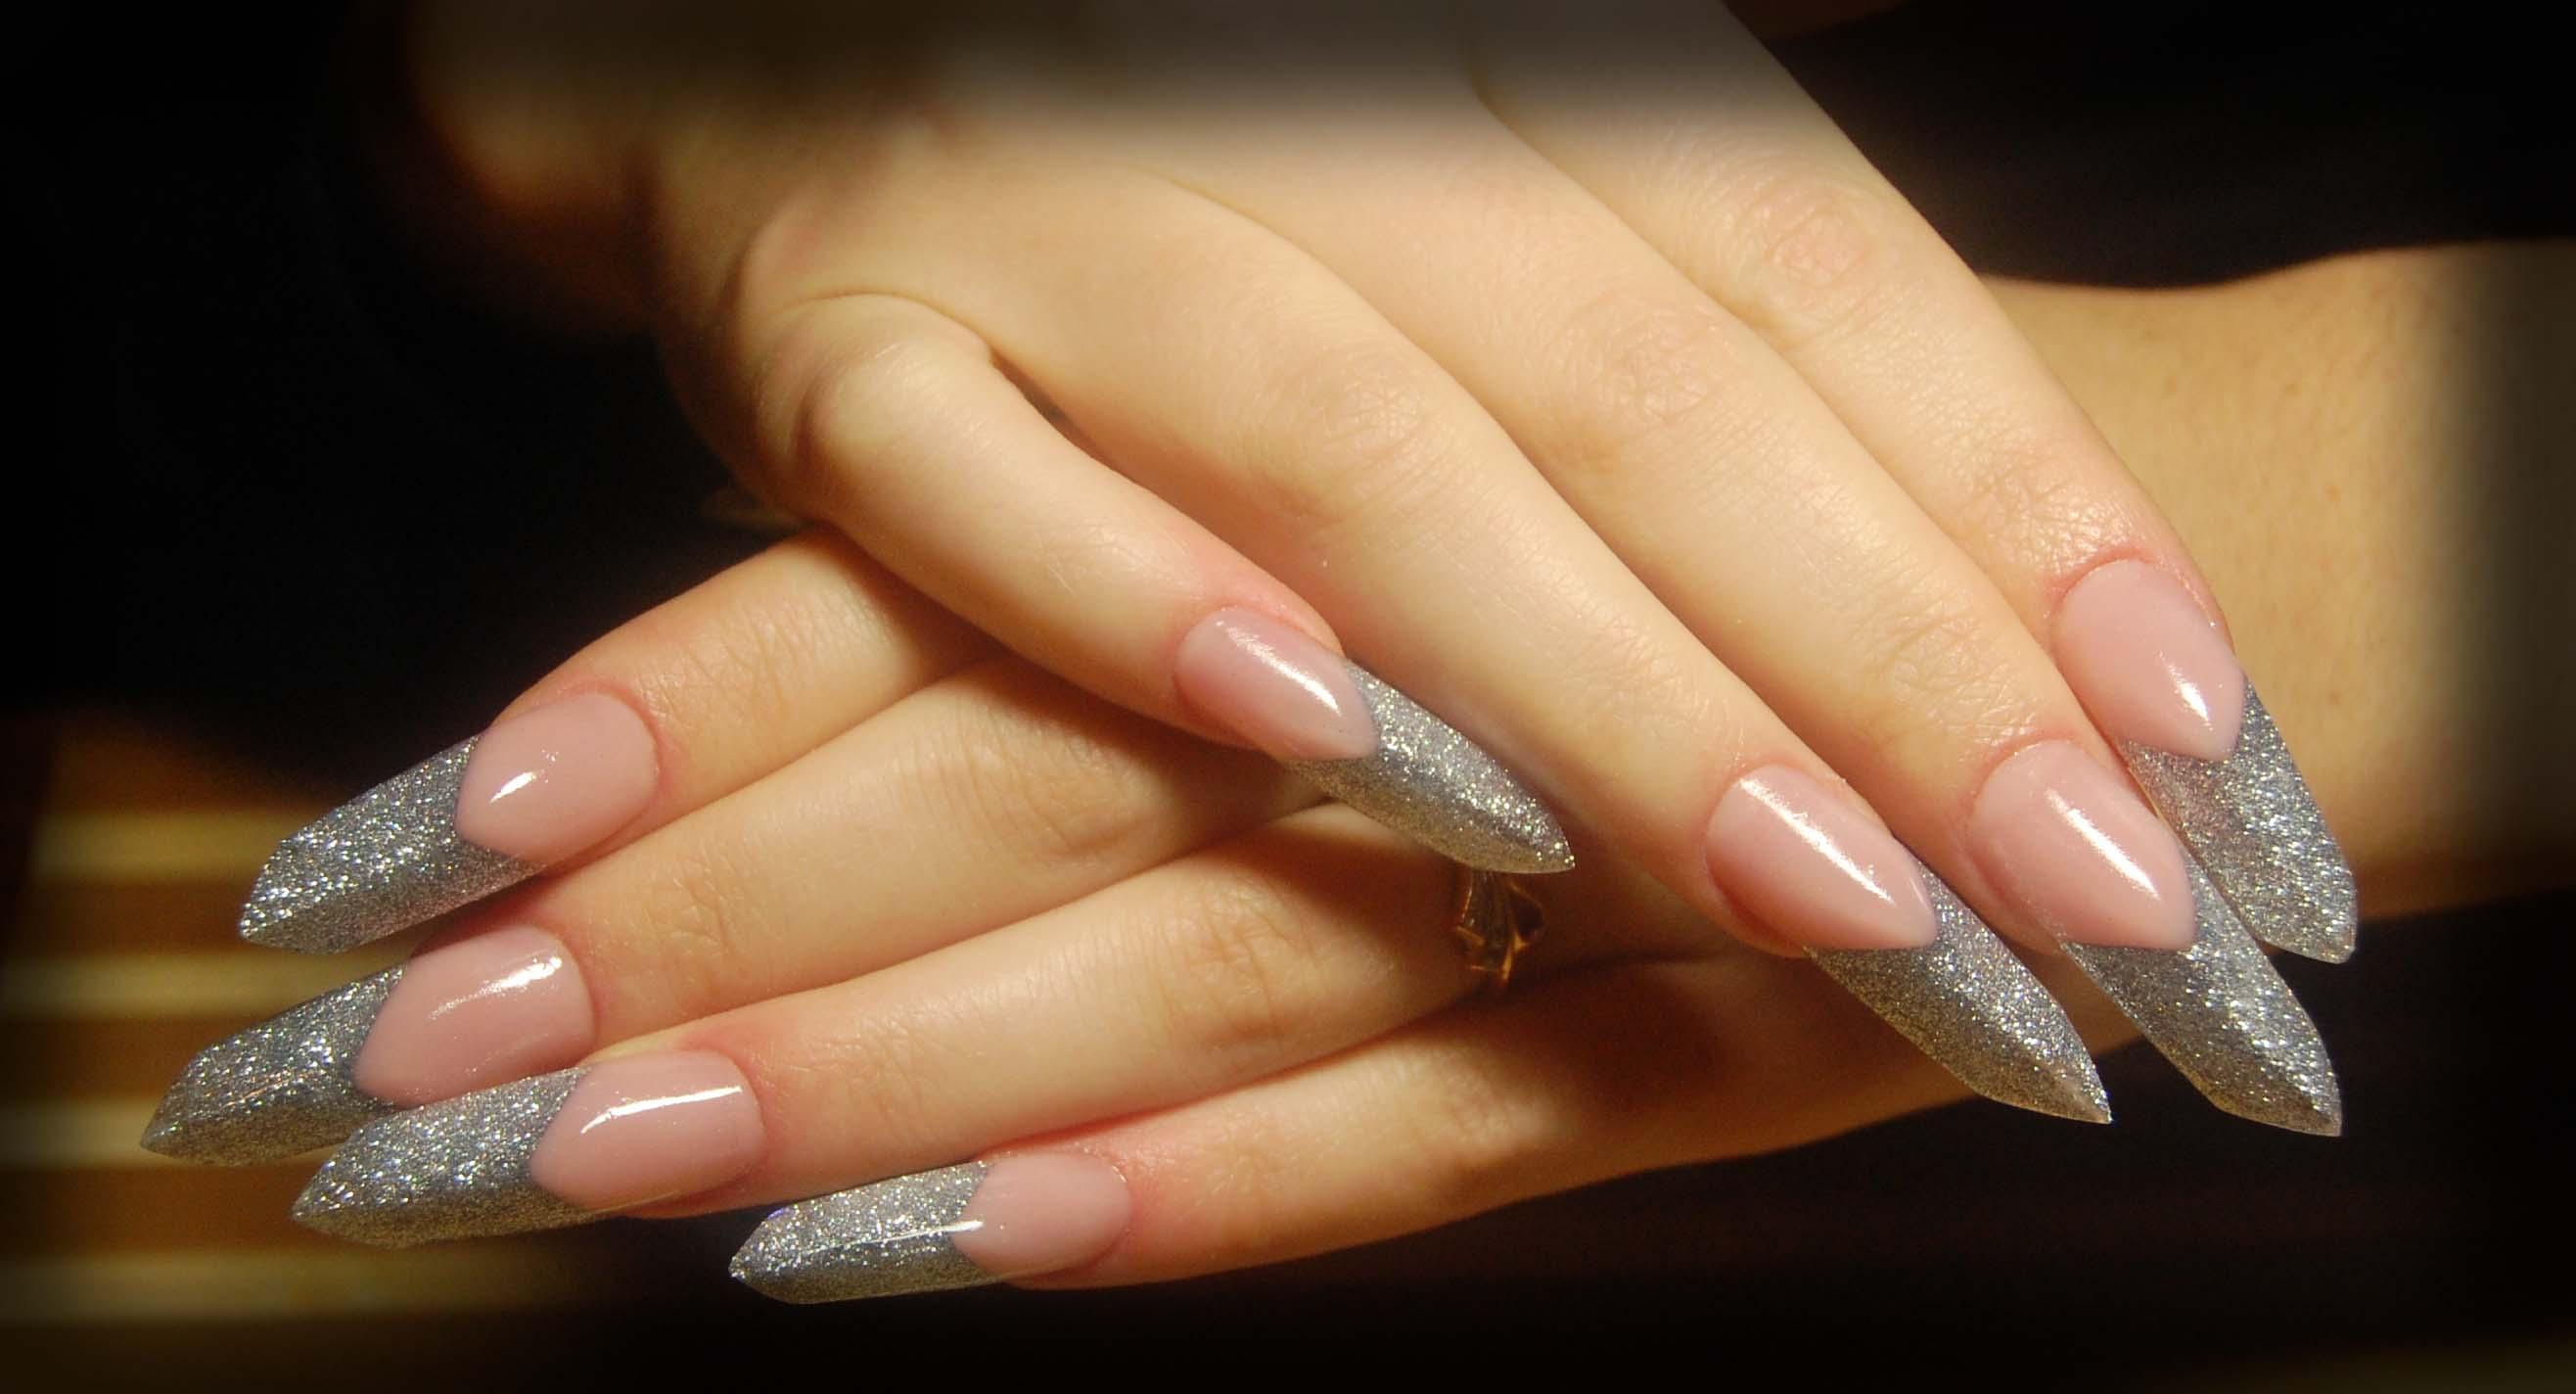 Наращивание ногтей гелем. Видео 15